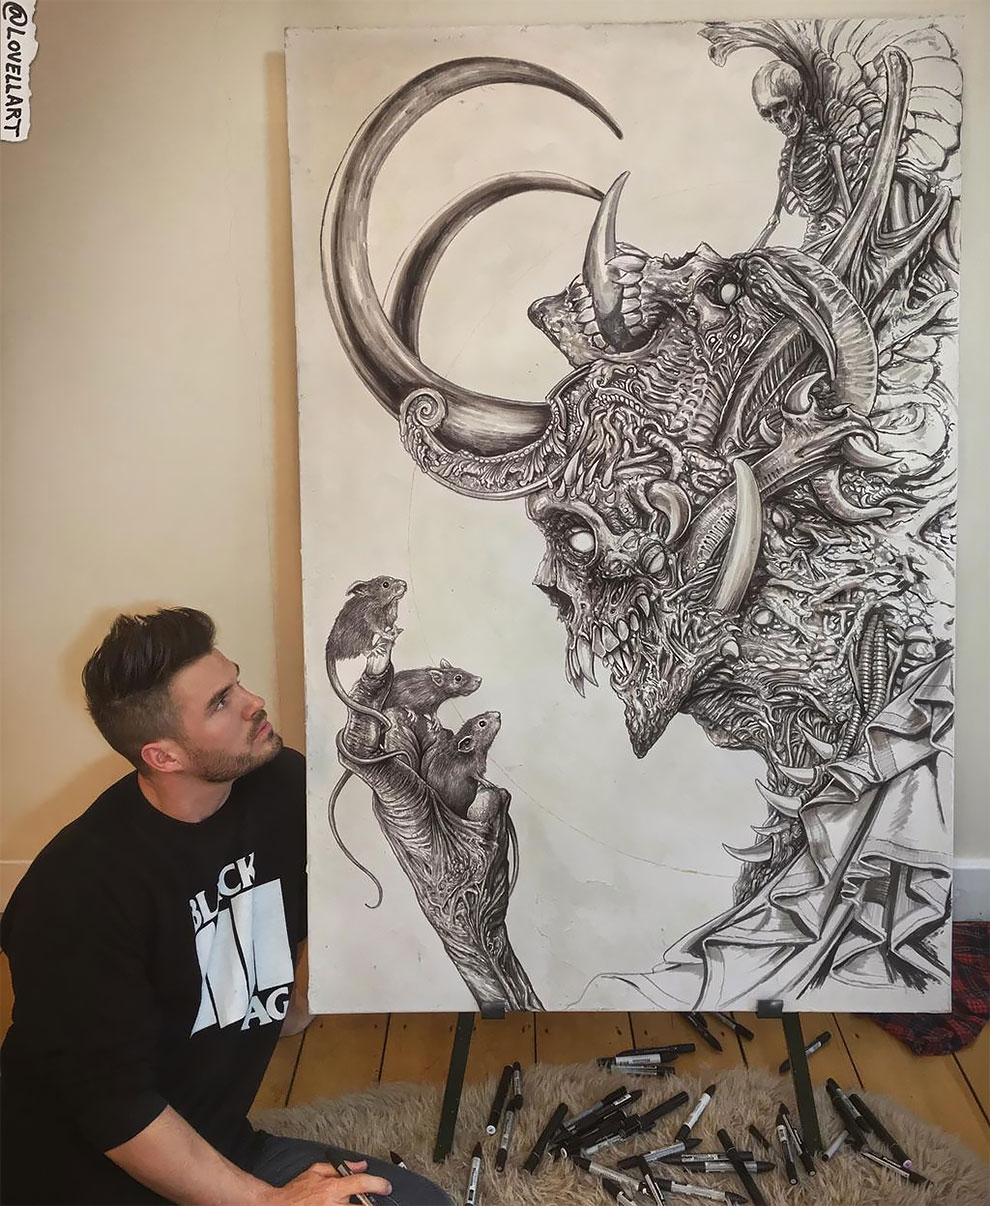 Ужасы, фэнтези и фантастика в рисунках Кристофера Ловелла